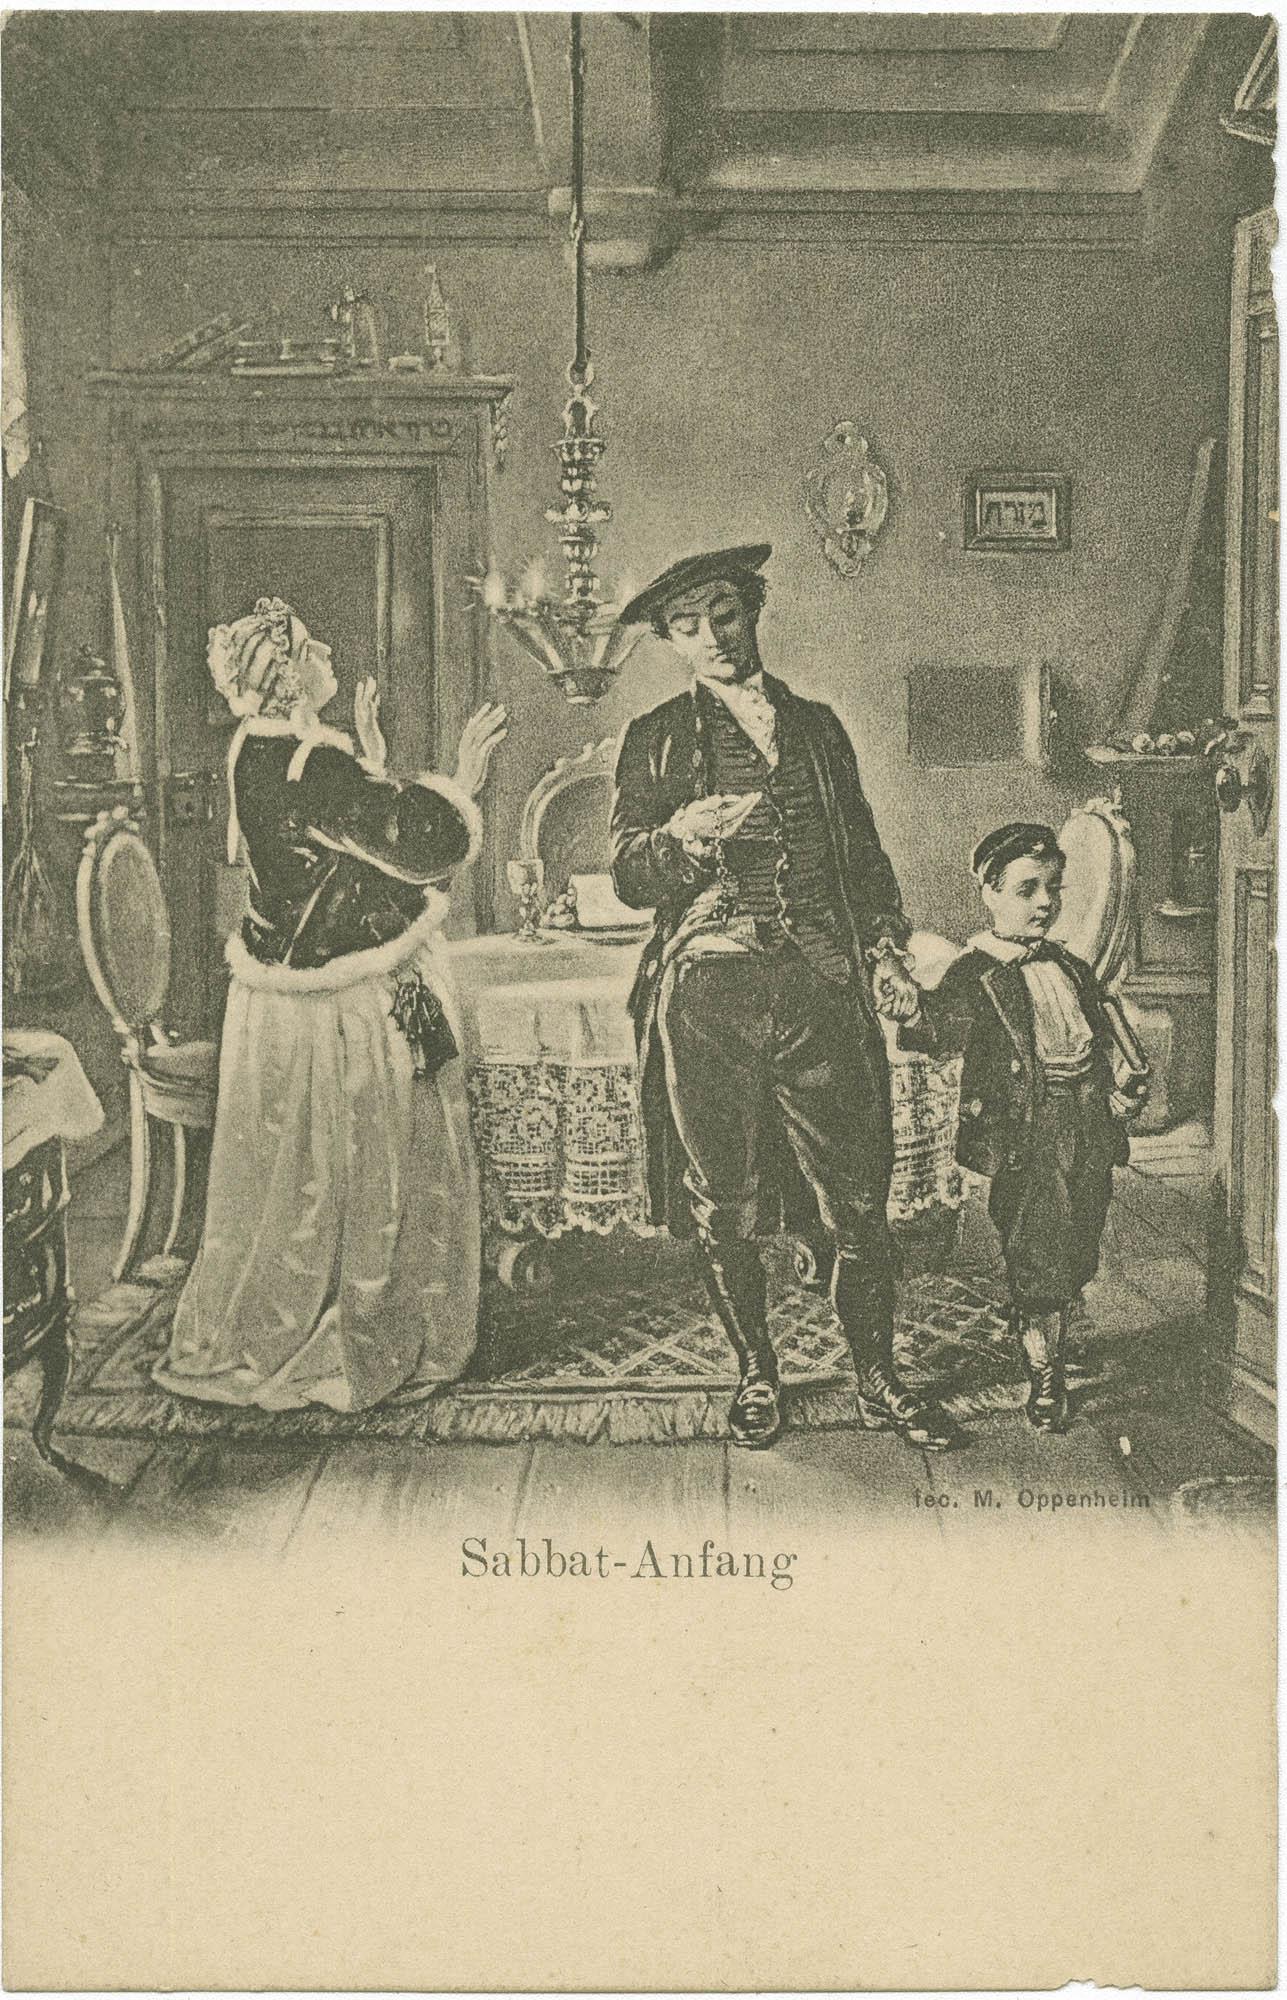 Sabbat-Anfang